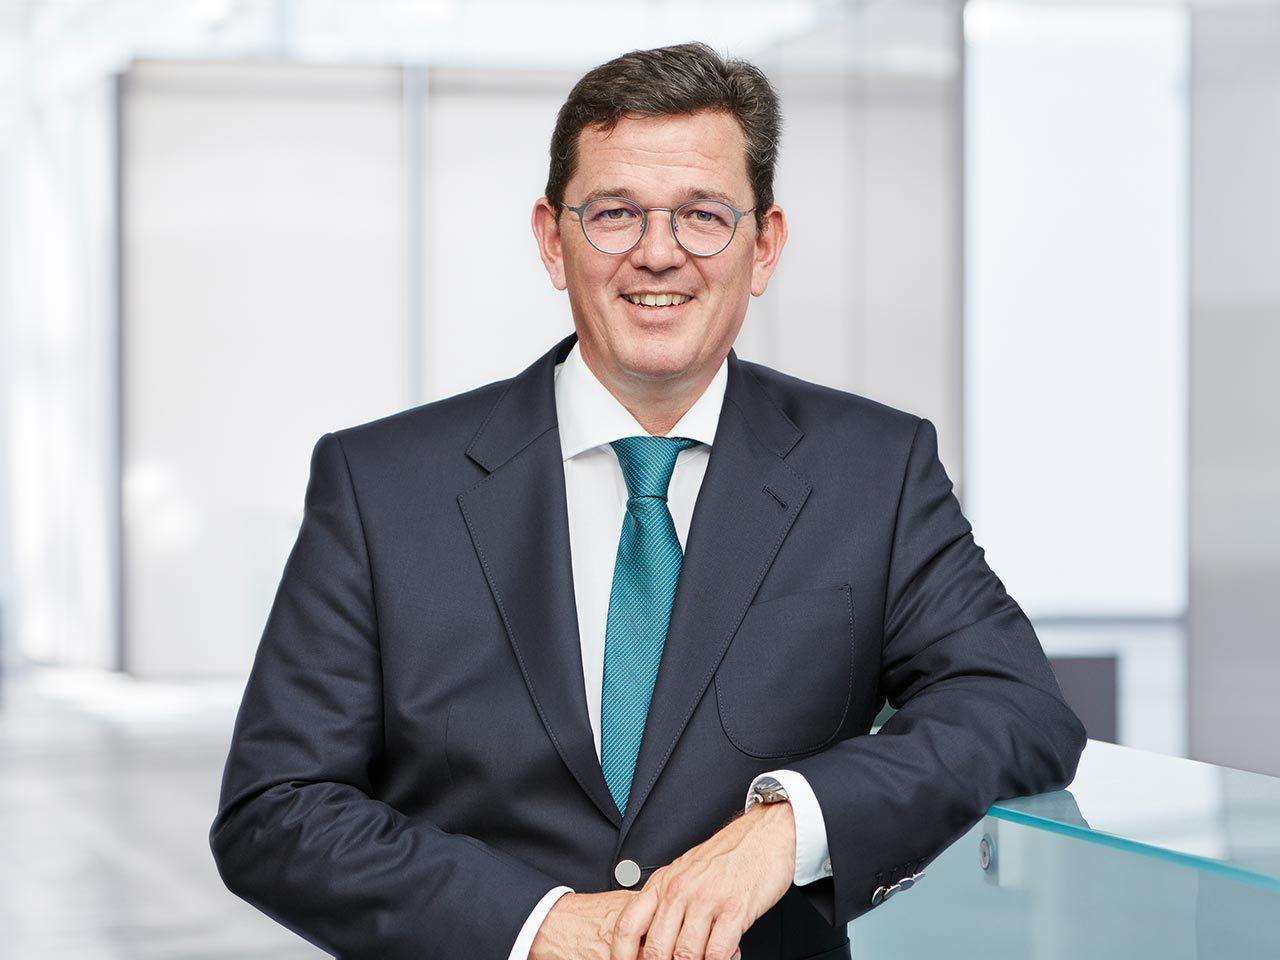 Arnd Hinrich Kappe directeur général Messe Offenbach